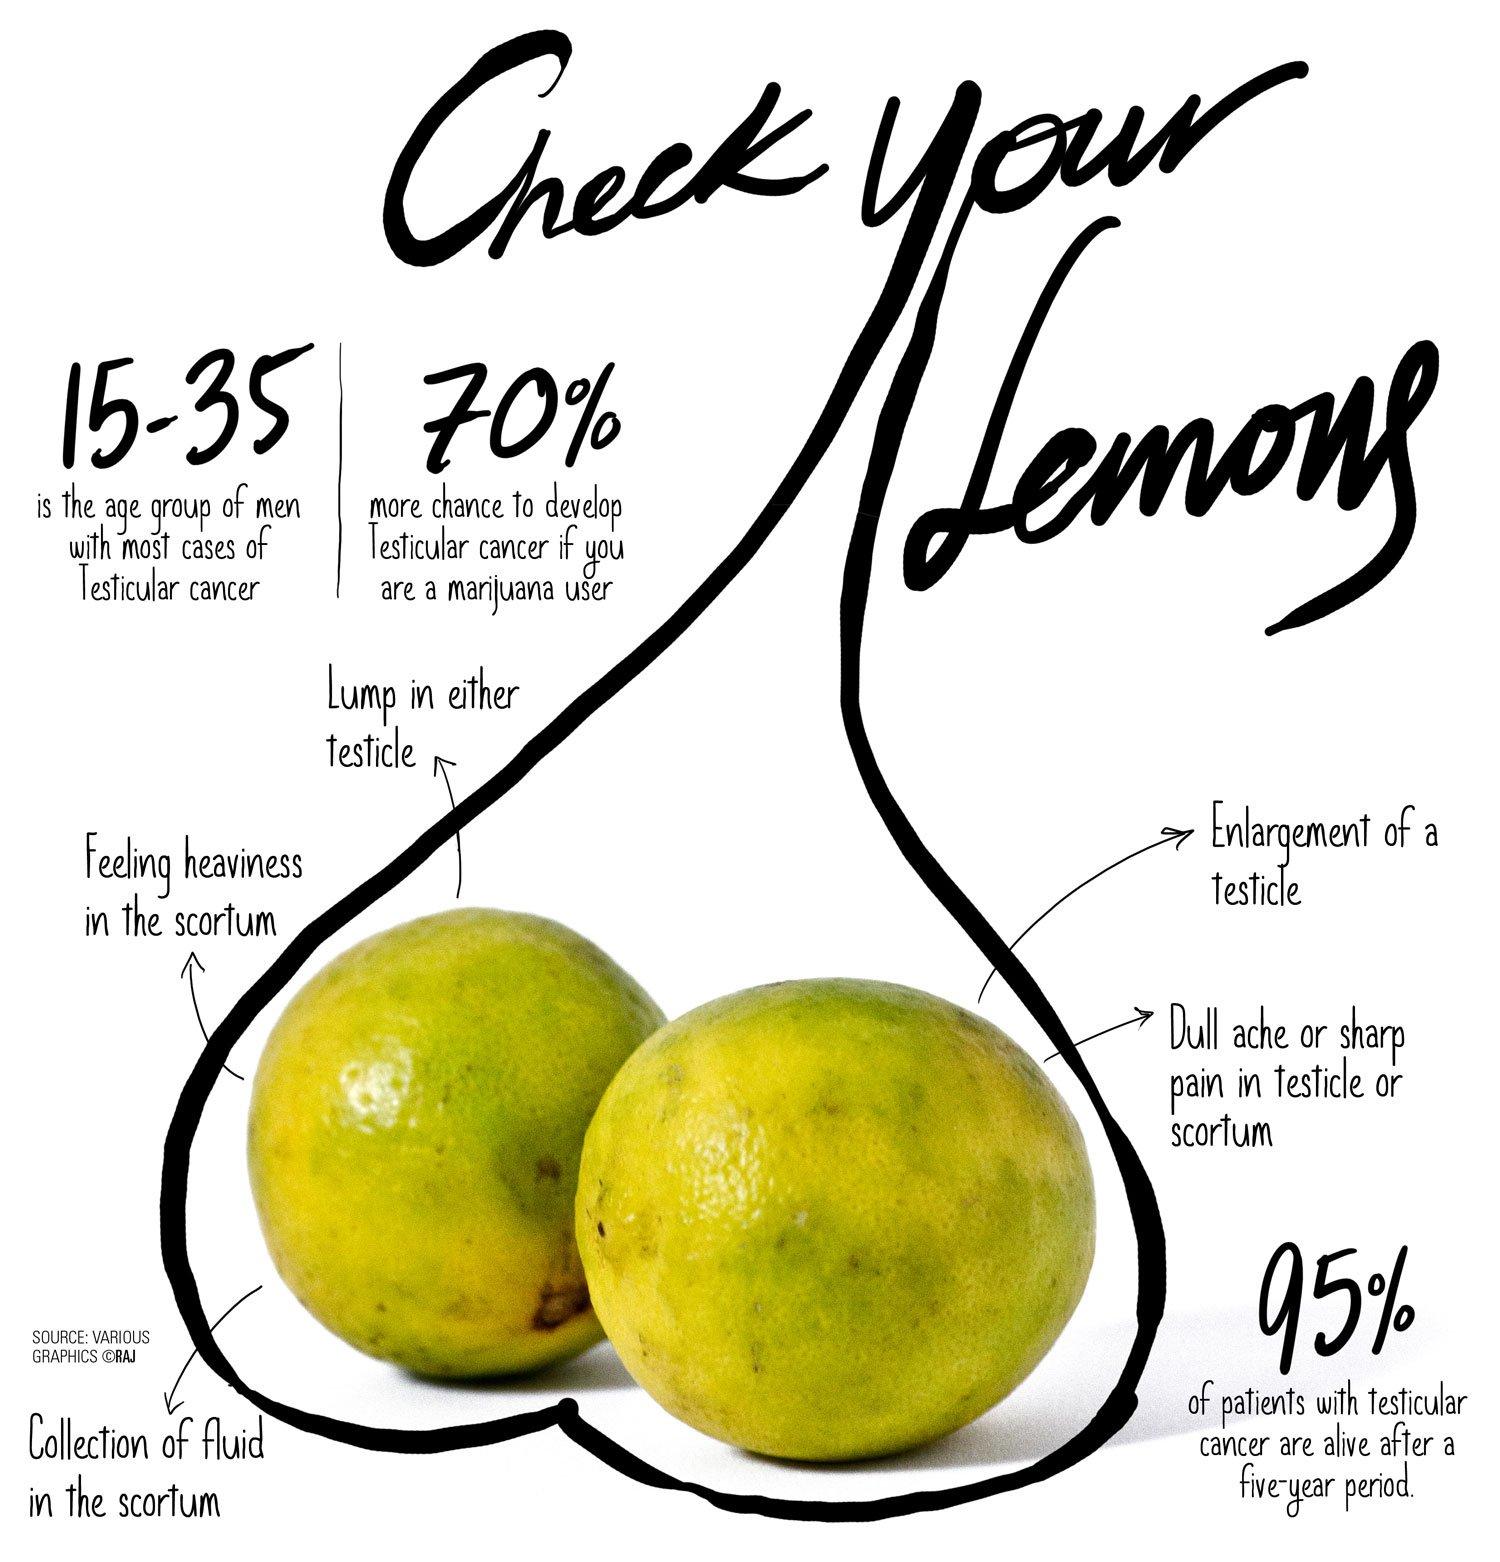 Check your lemons!